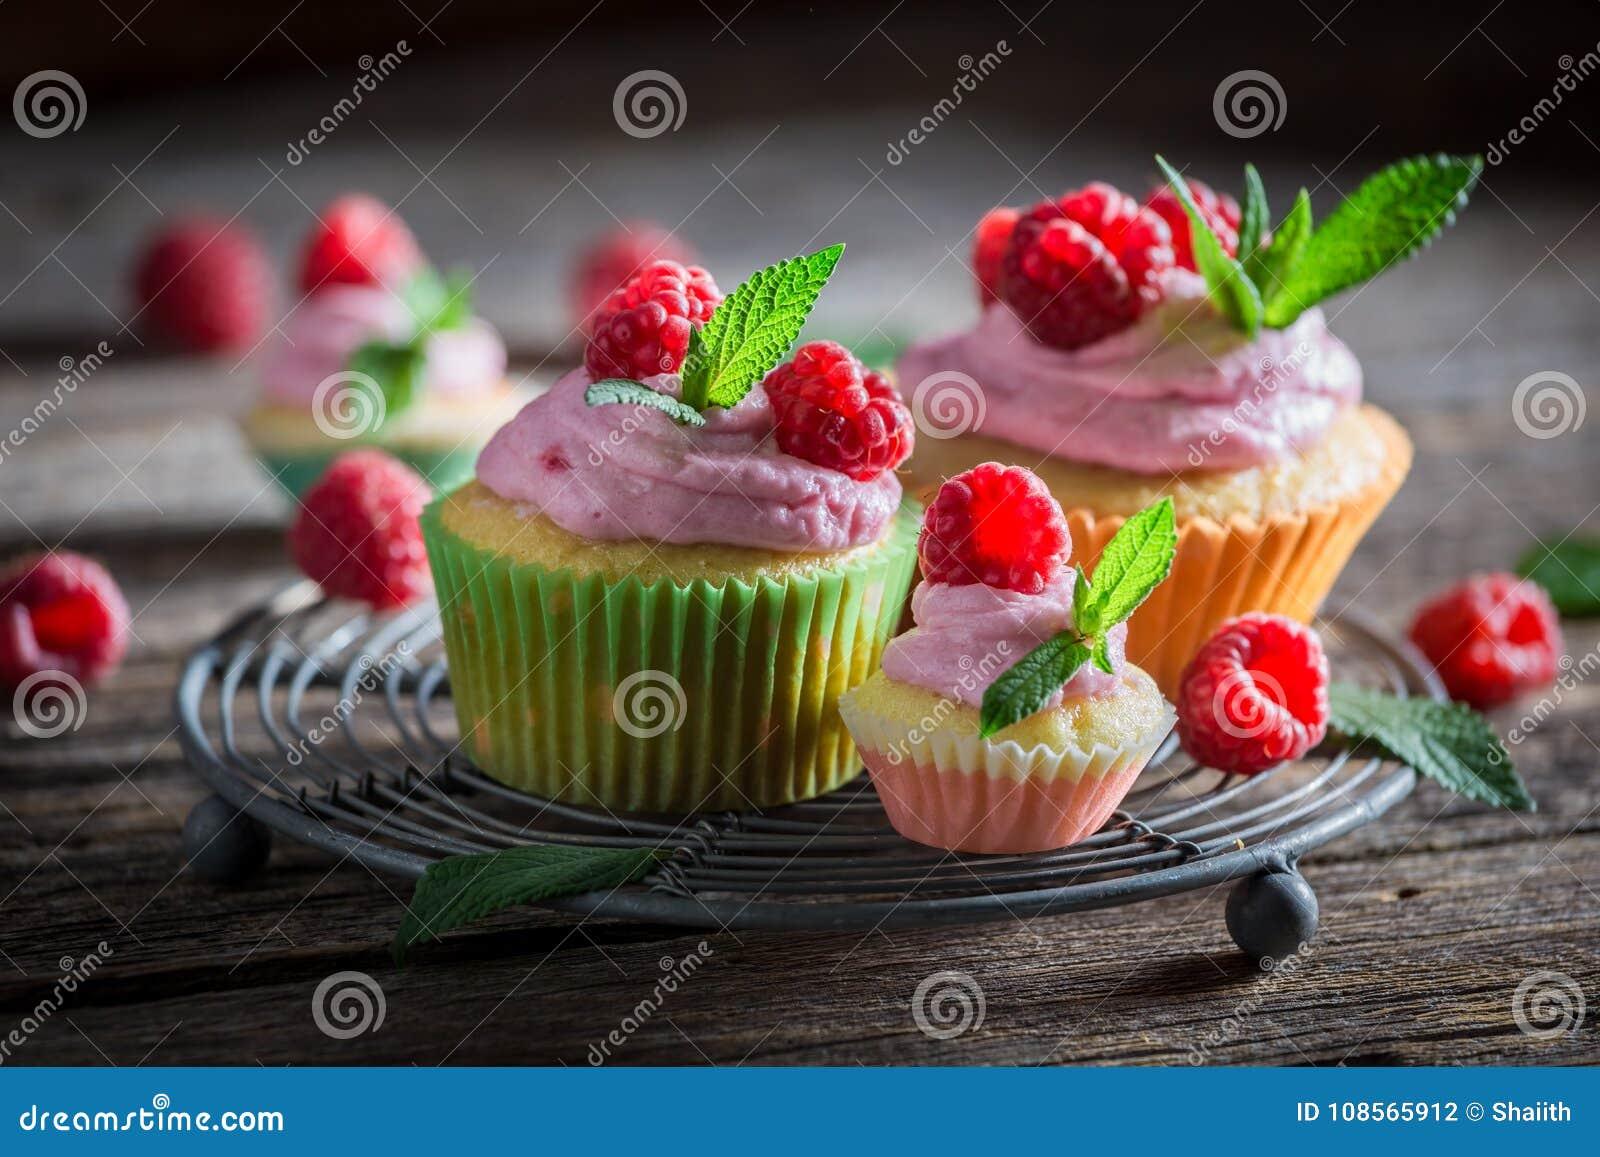 Close-up van zoete die framboos cupcake van verse vruchten wordt gemaakt